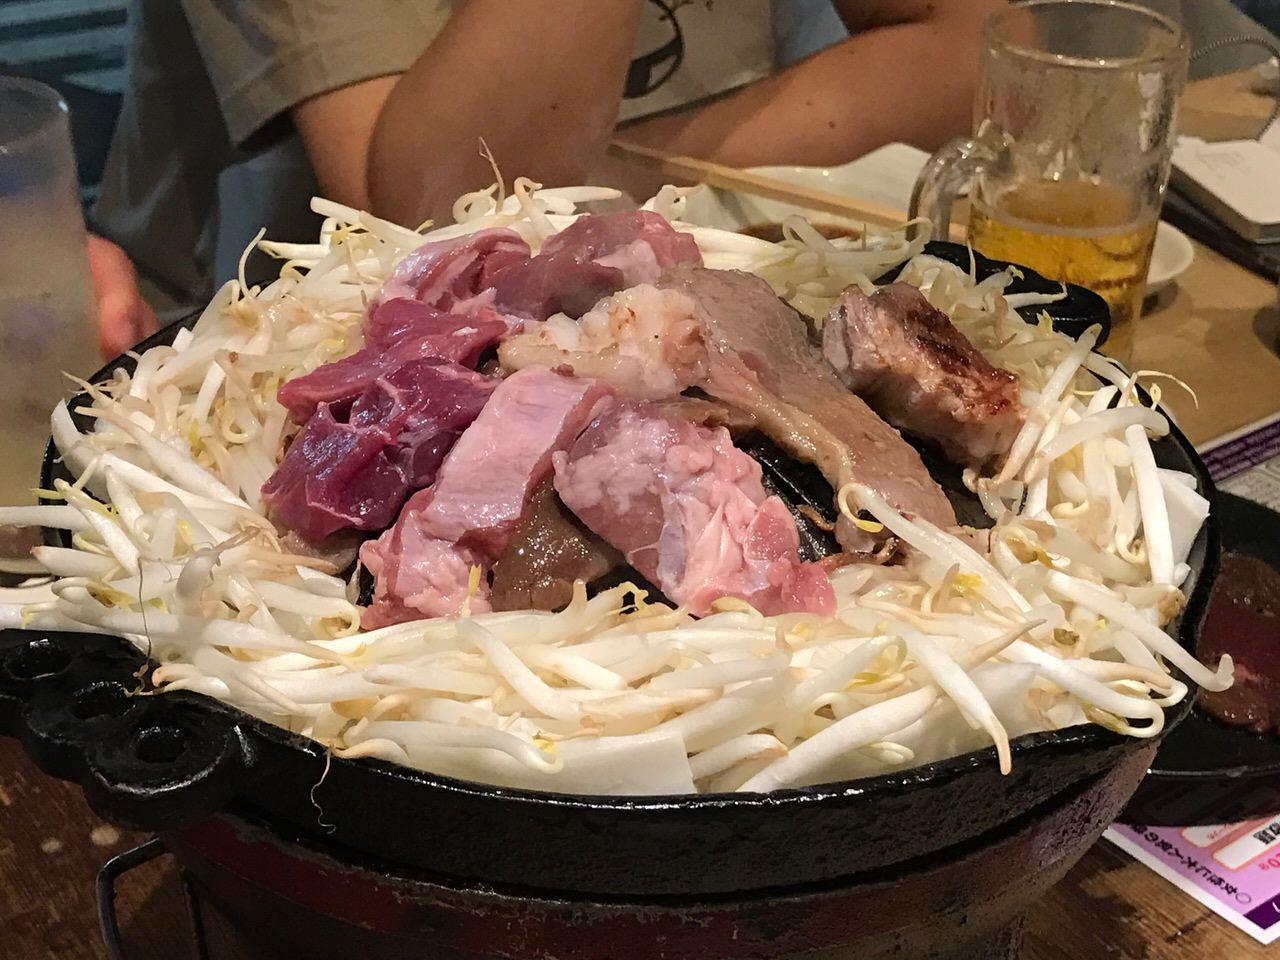 「ゆきだるま 中野部屋」激ウマ!120分ジンギスカン食べ放題・飲み放題して4,980円